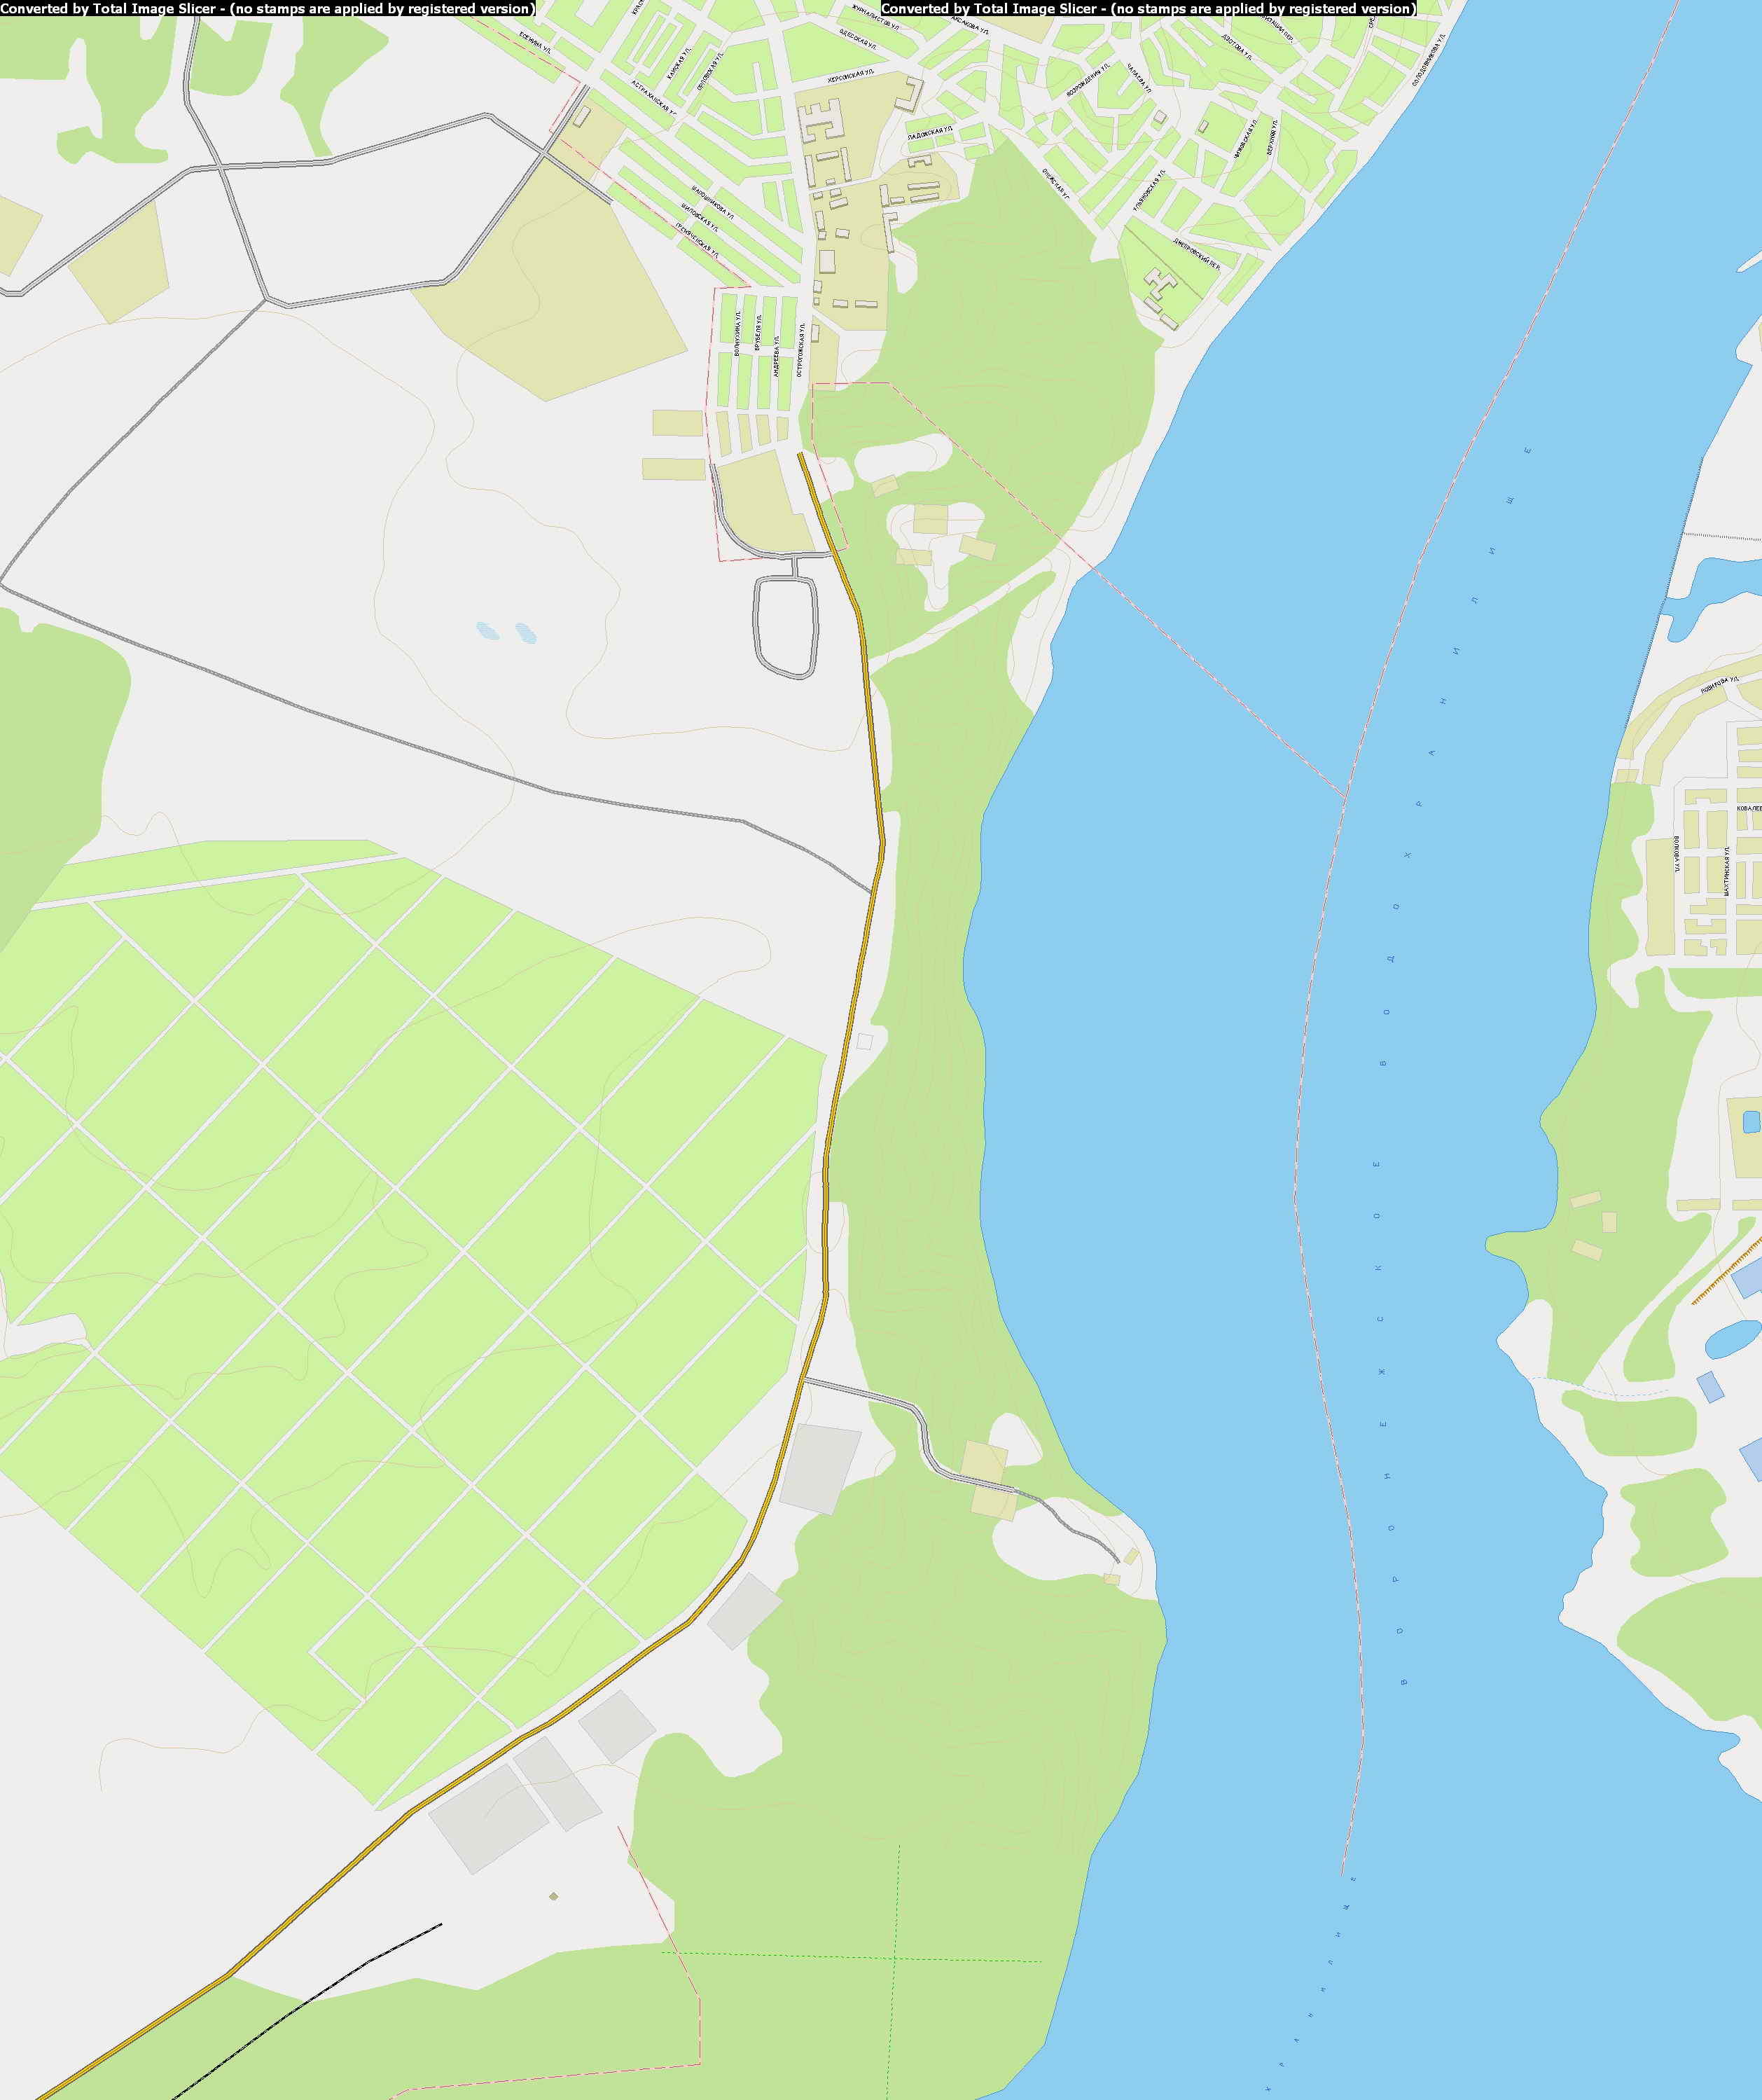 Карта Воронежа 1см = 90м. Подробная карта улиц, дорог и ...: http://www.raster-maps.com/map-of-russia-135/